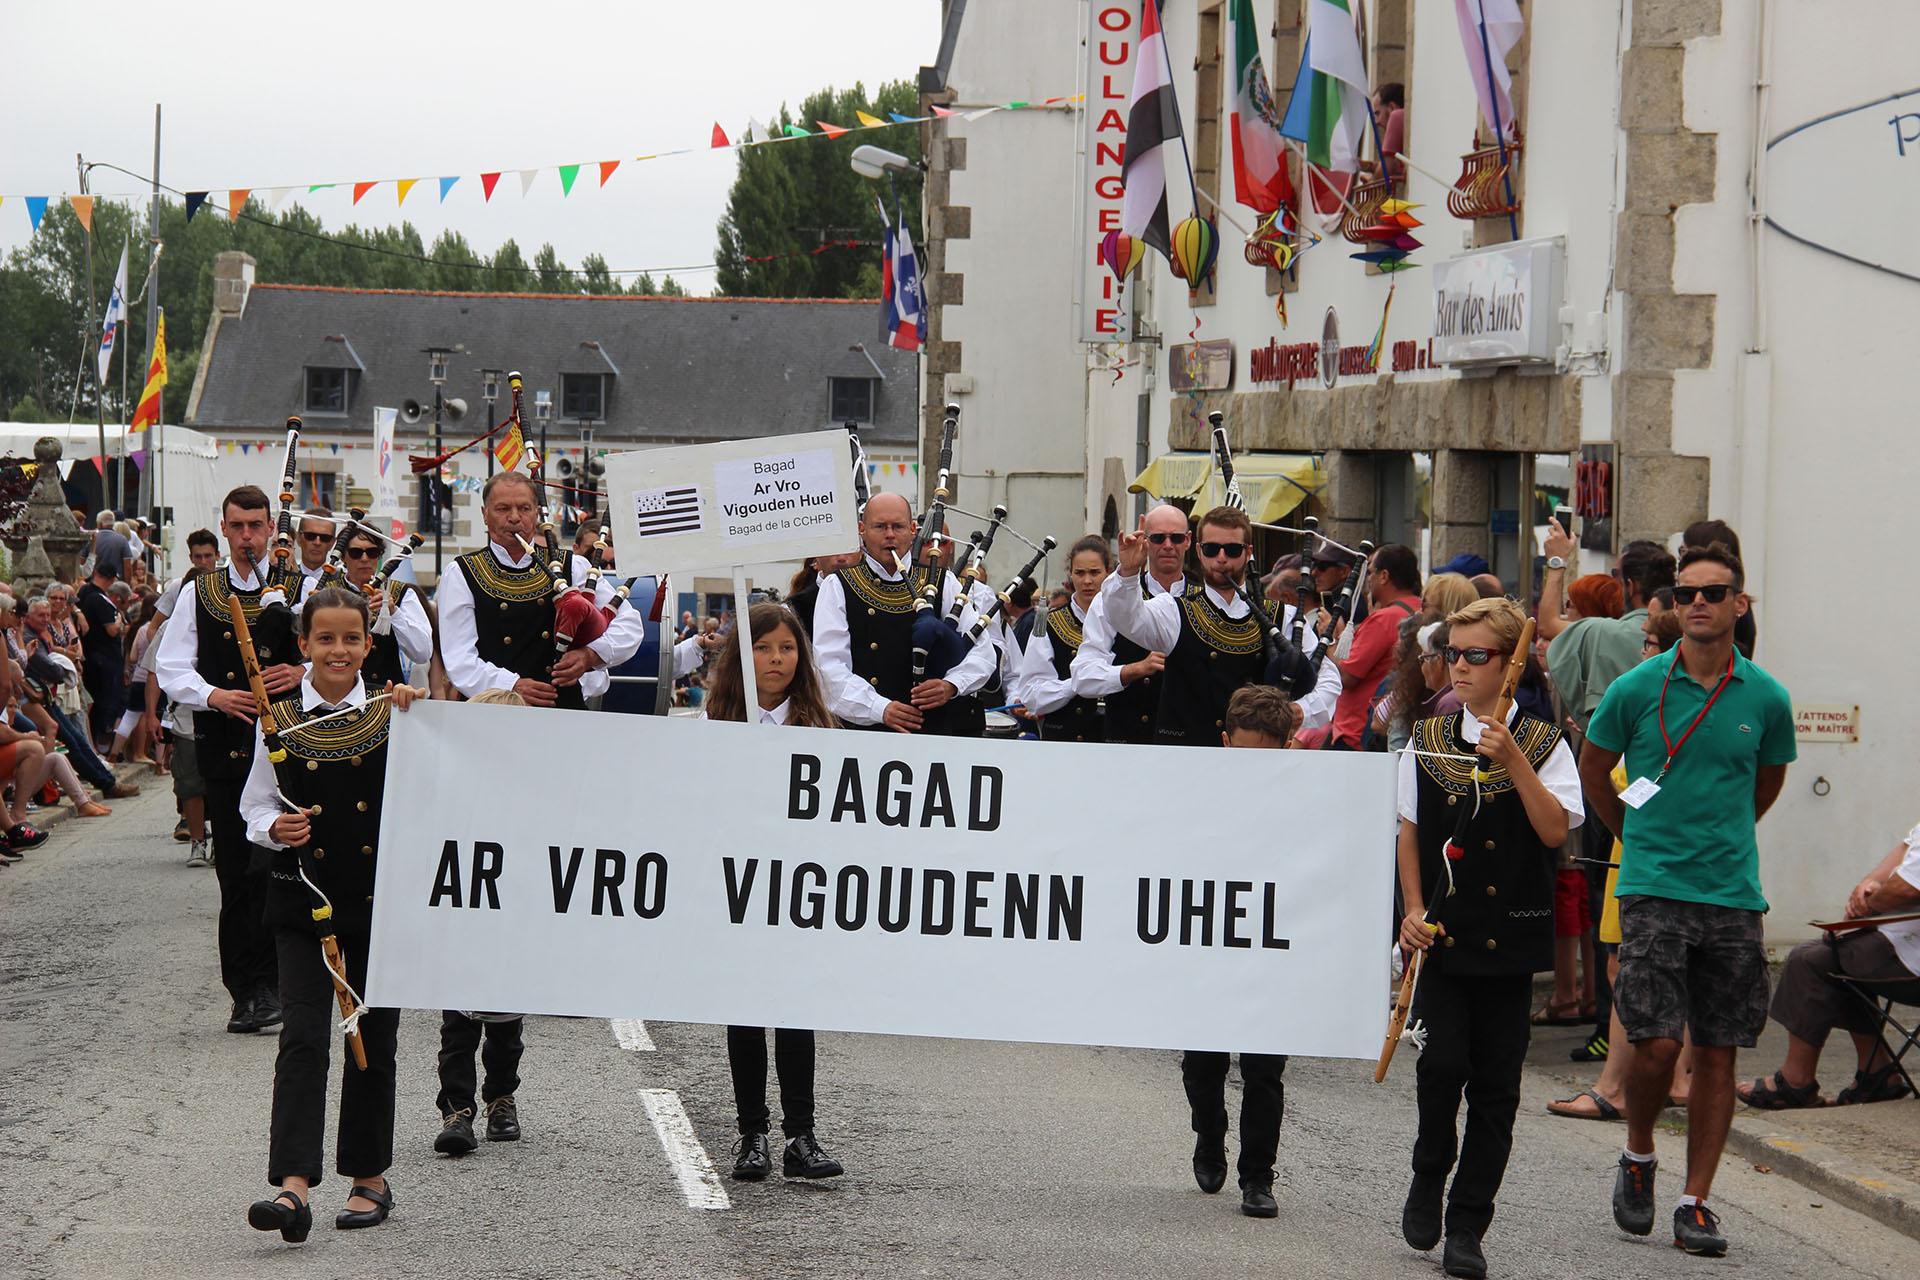 Défilé du bagad pendant le Mondial Folk à Plozévet